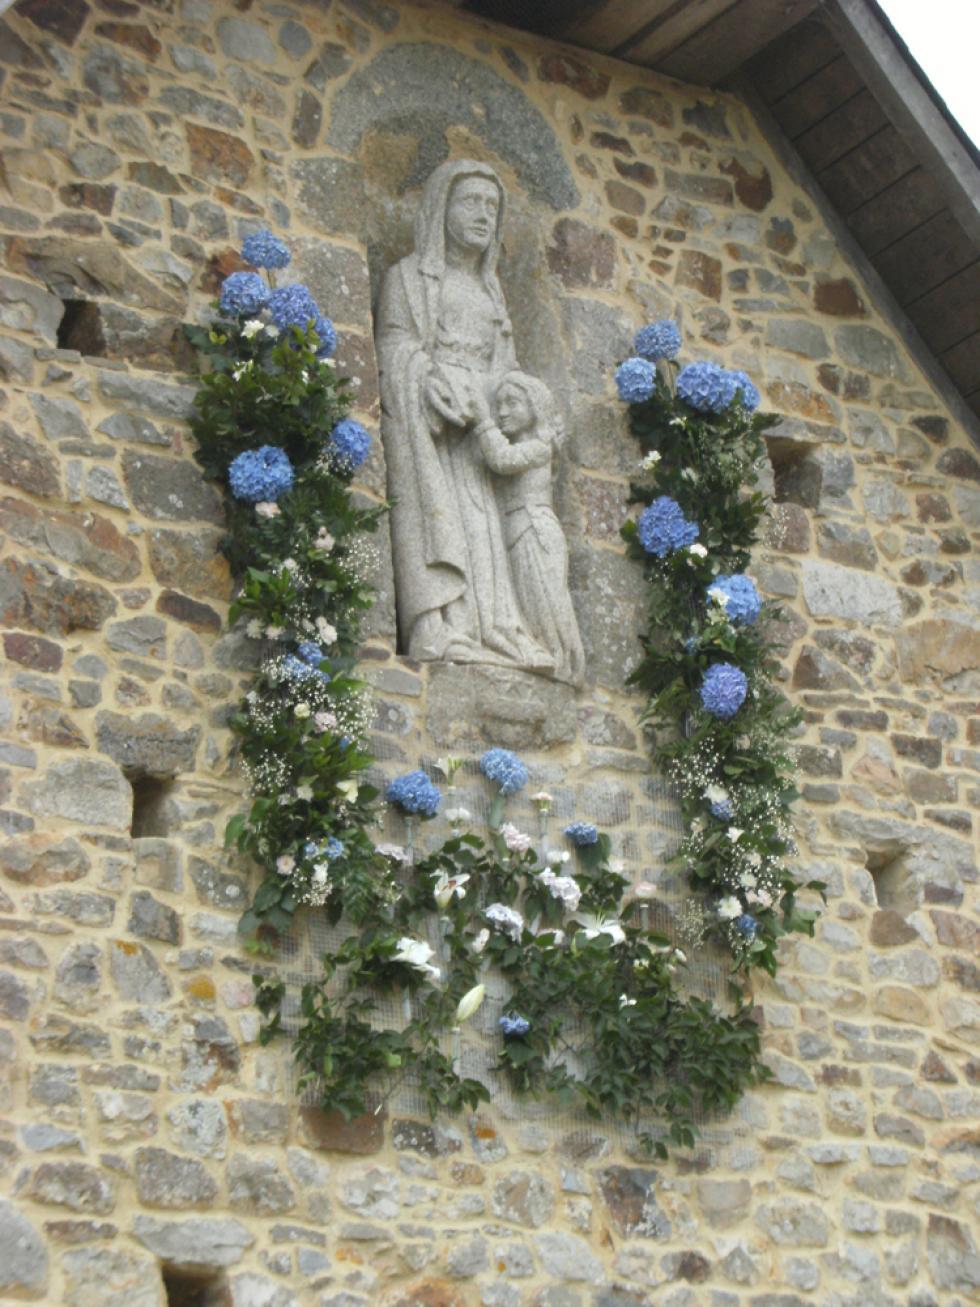 La statue de Sainte-Anne sculptée par Pascal POIRIER en 2010 dans du granite de Louvigné